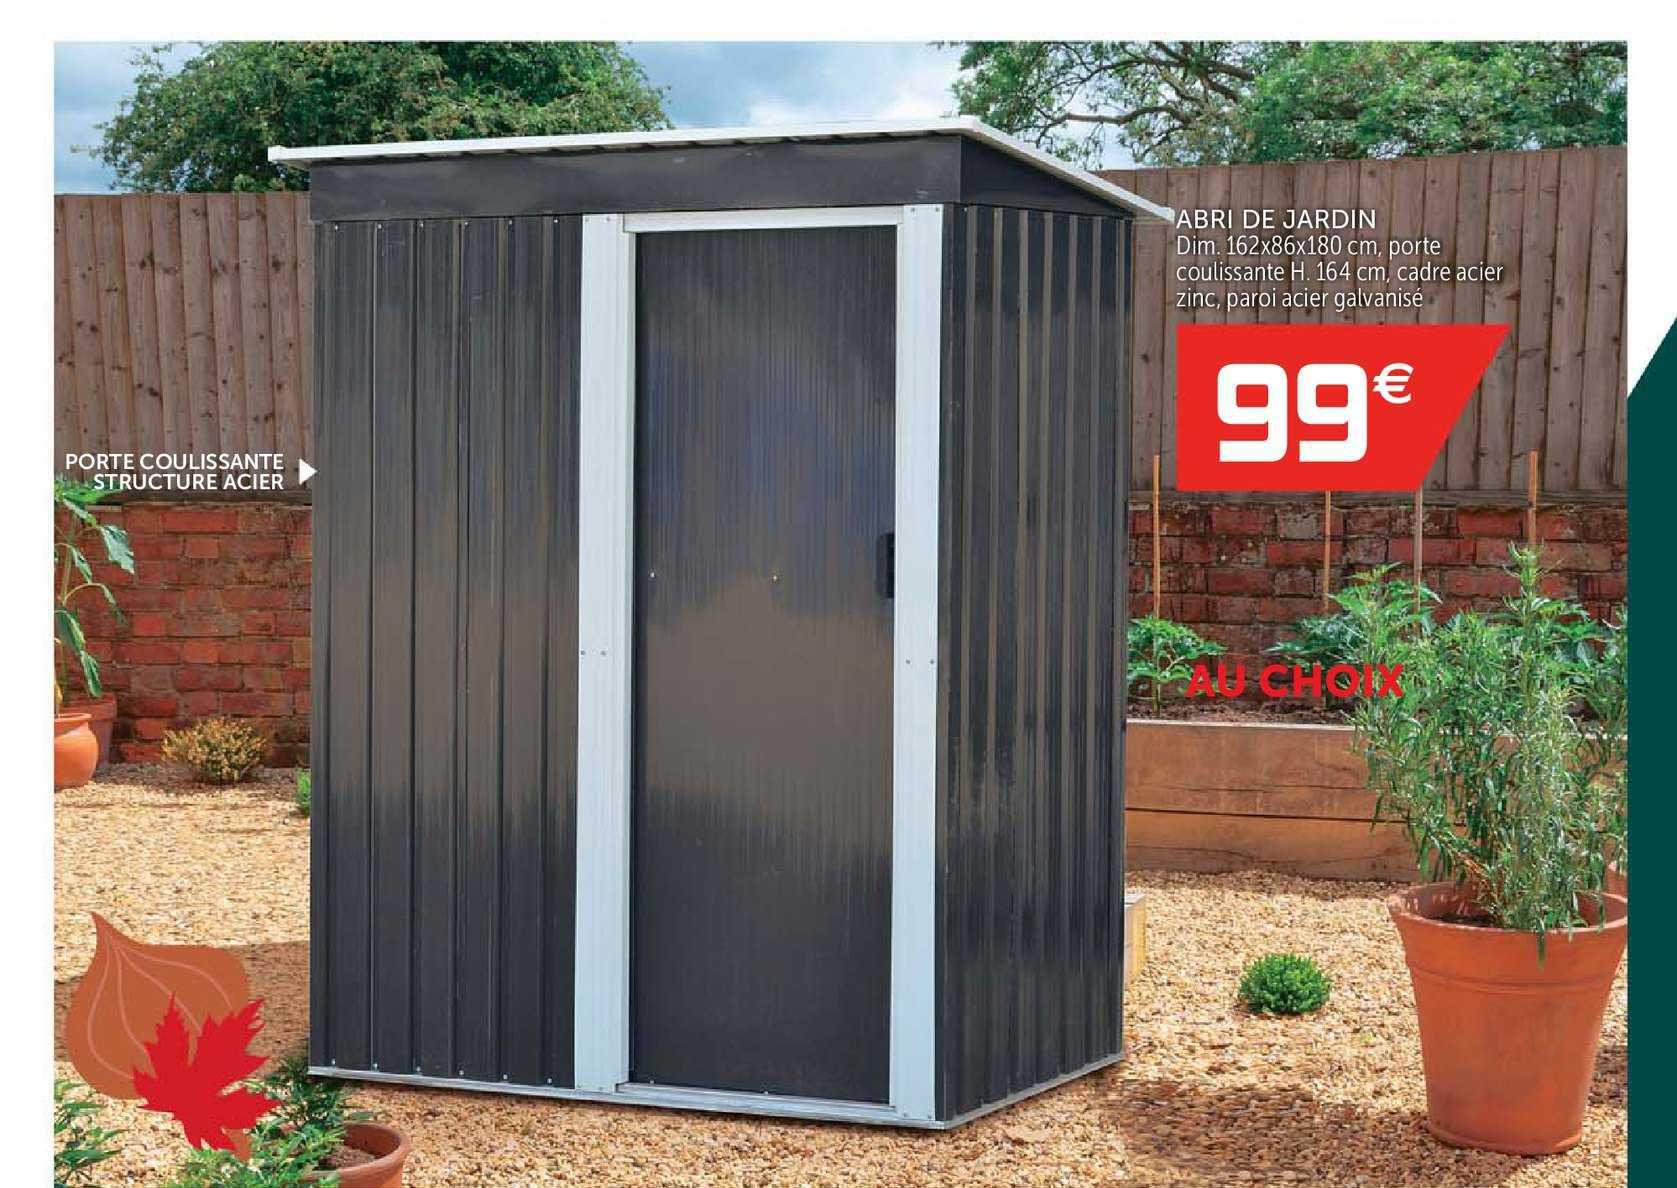 Offre Abri De Jardin Chez Gifi intérieur Abri De Jardin Hyper U